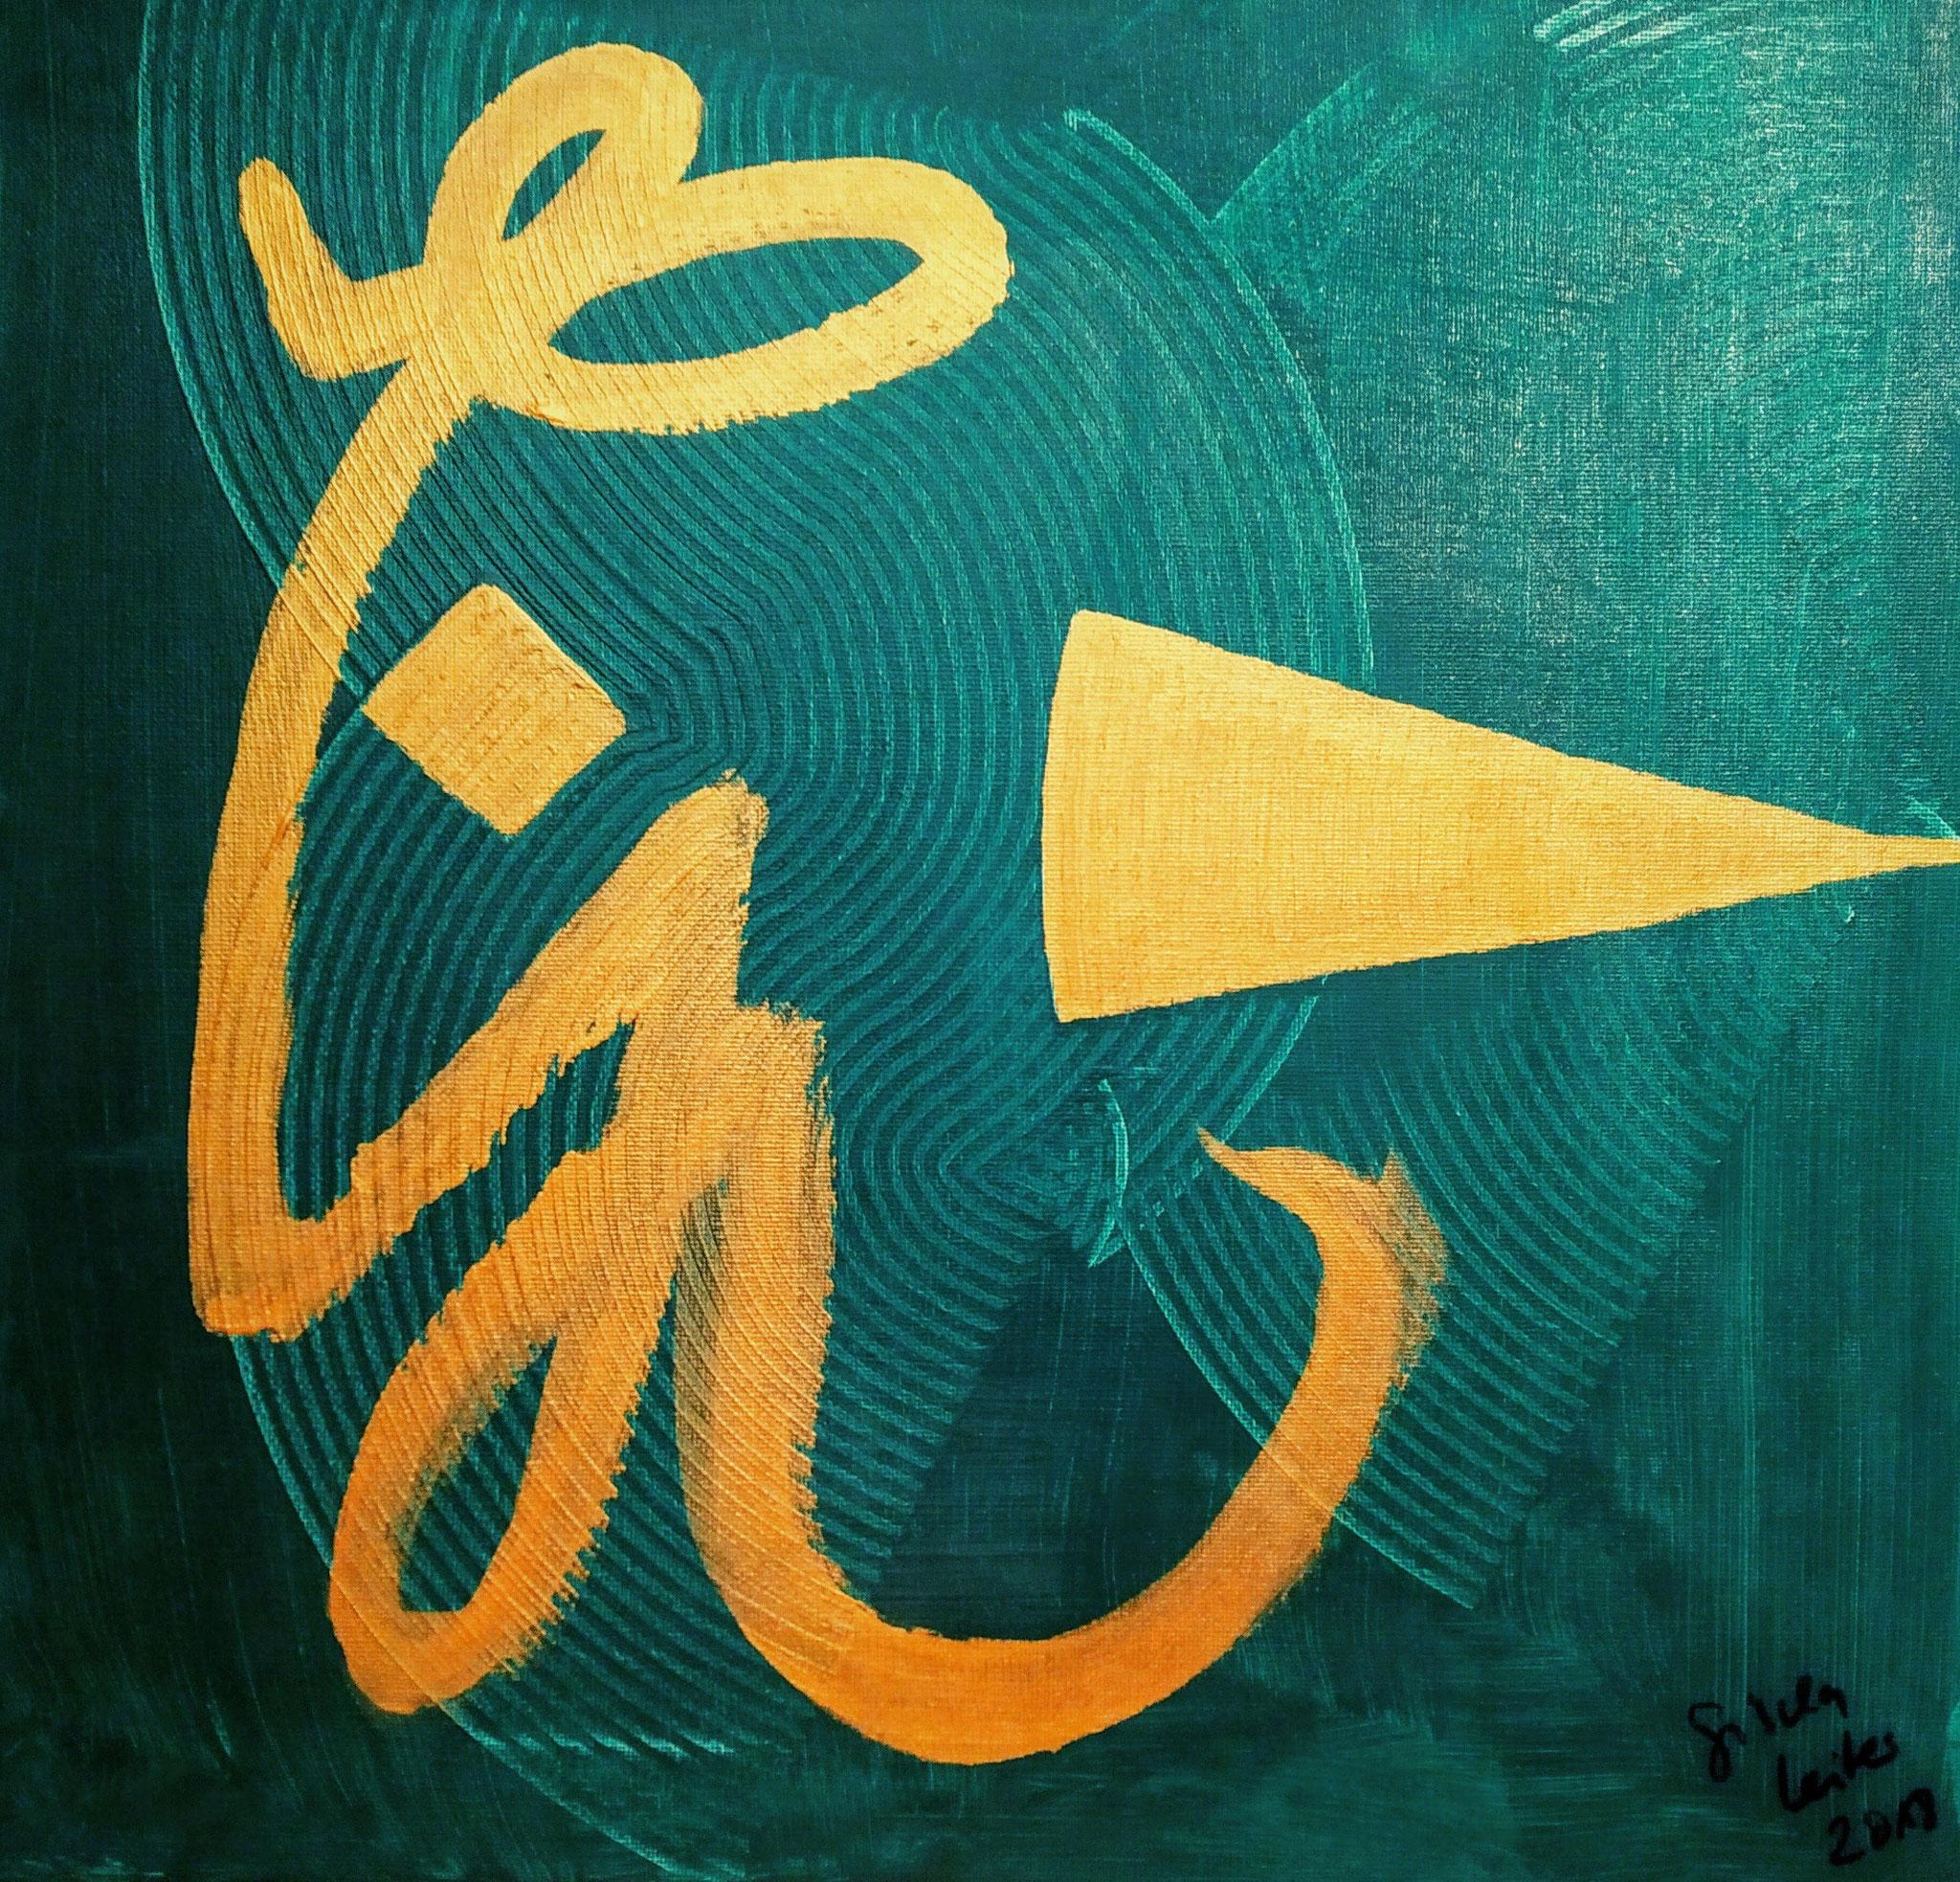 16. Lichtdusche, Acryl auf Leinwand, Grösse 40 x 40 cm